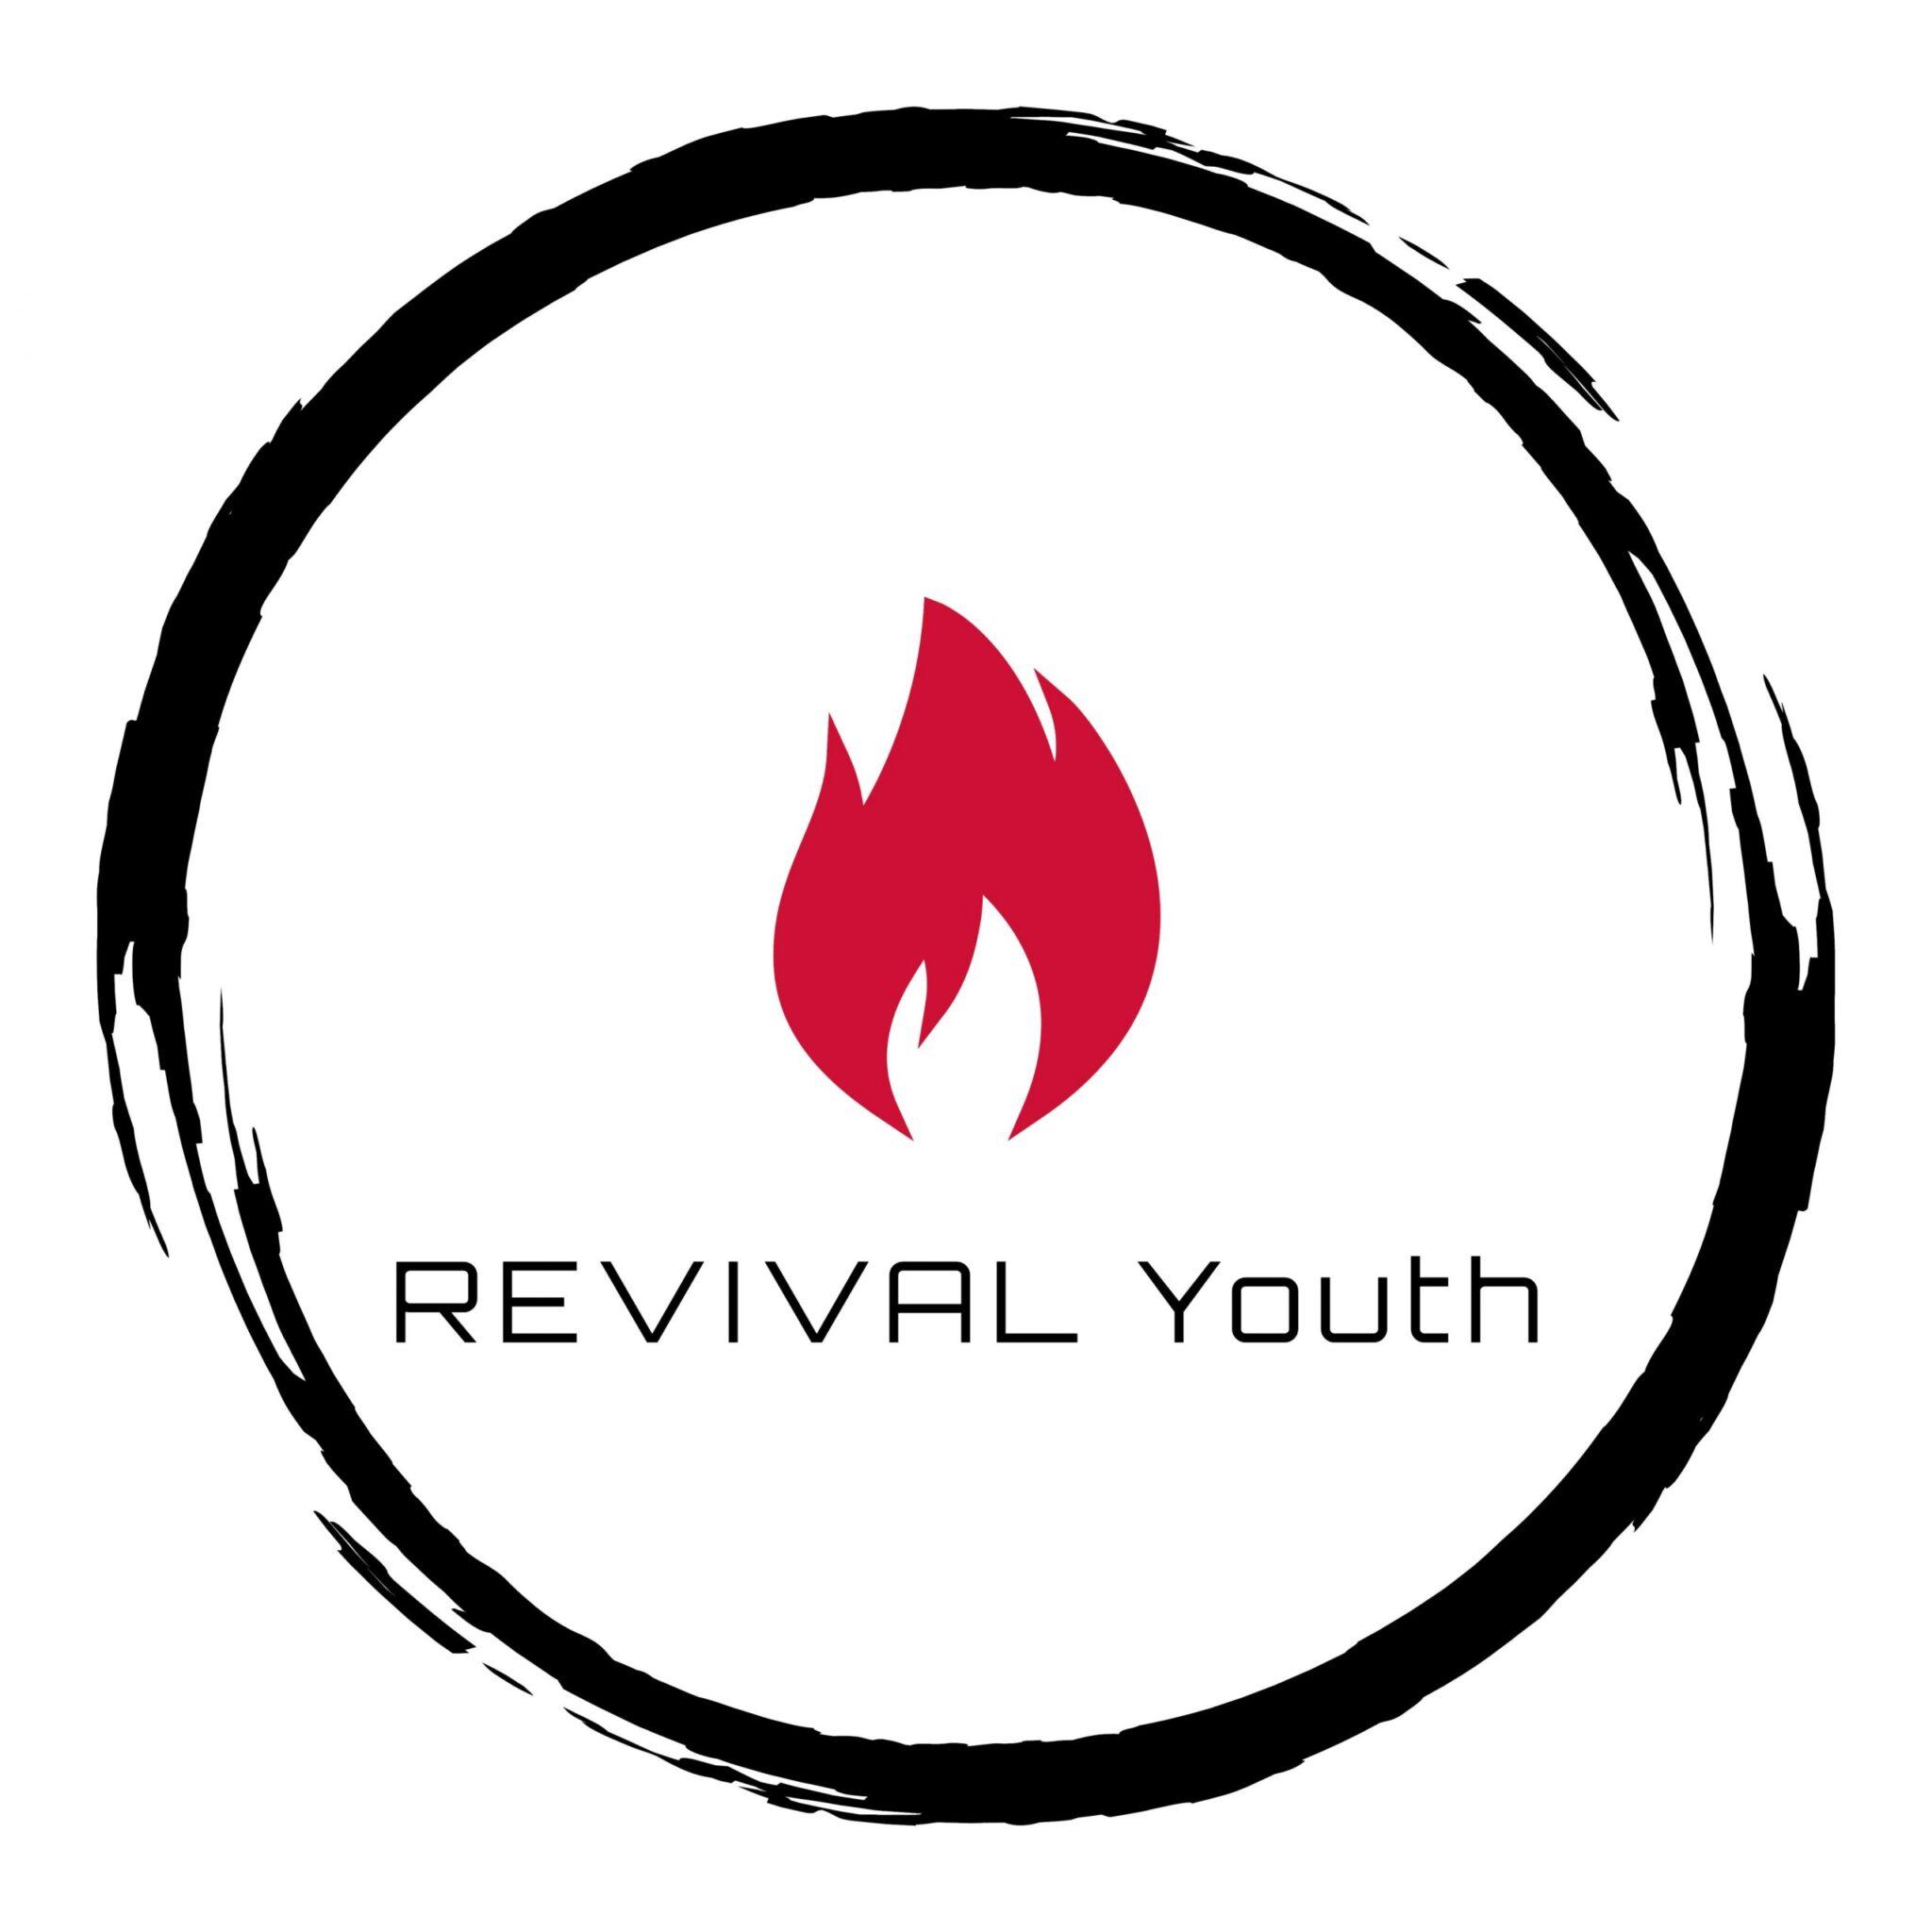 Revival Youth Logo